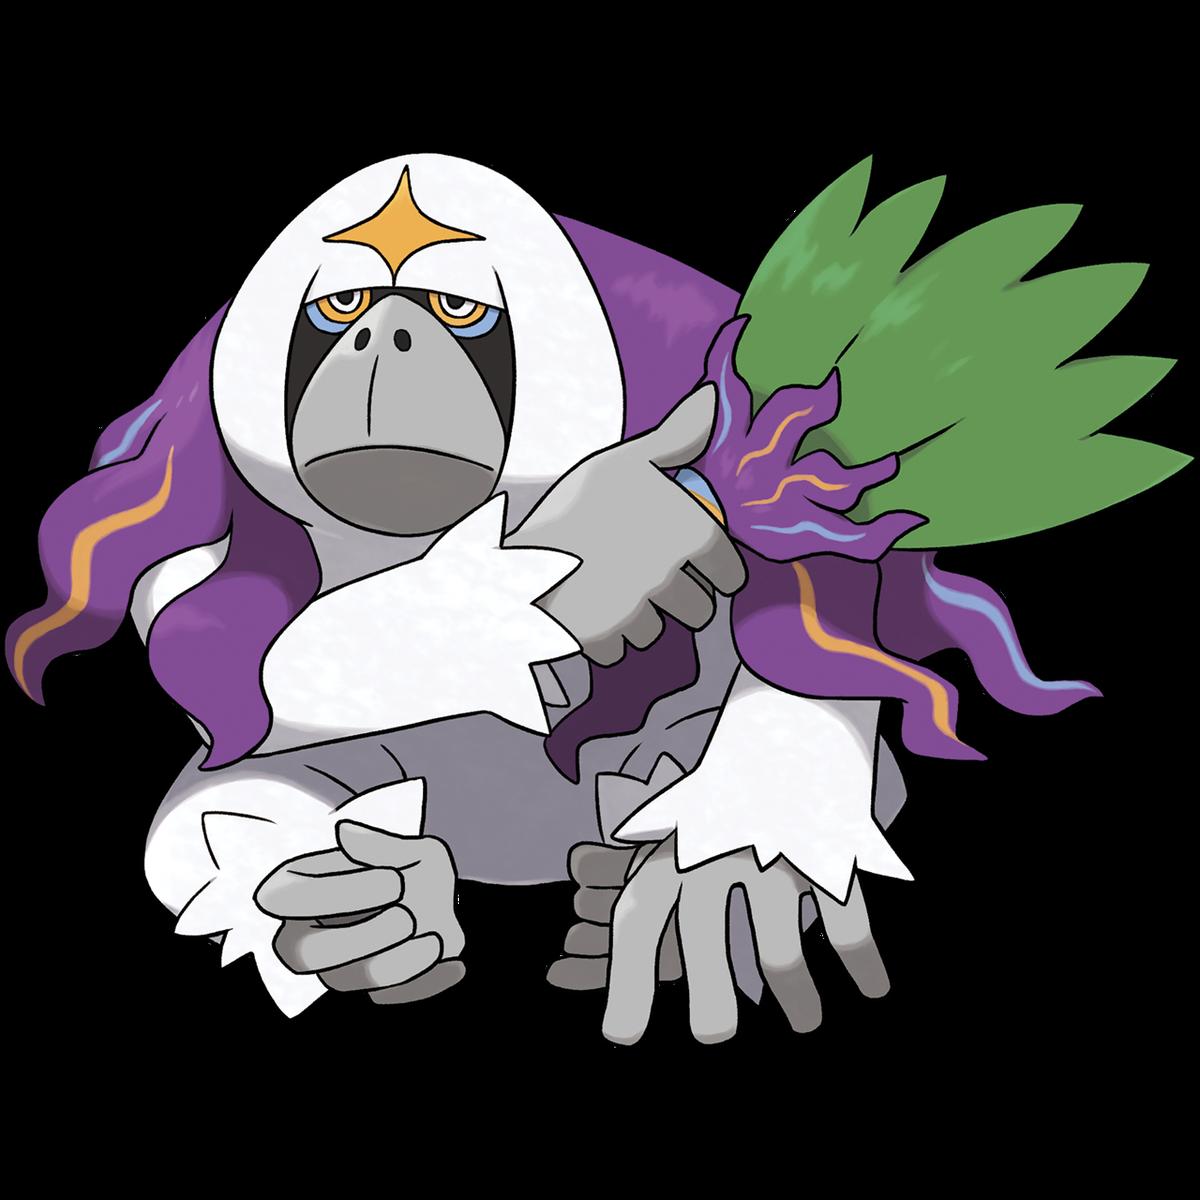 Oranguru es exclusivo de Pokémon Sword